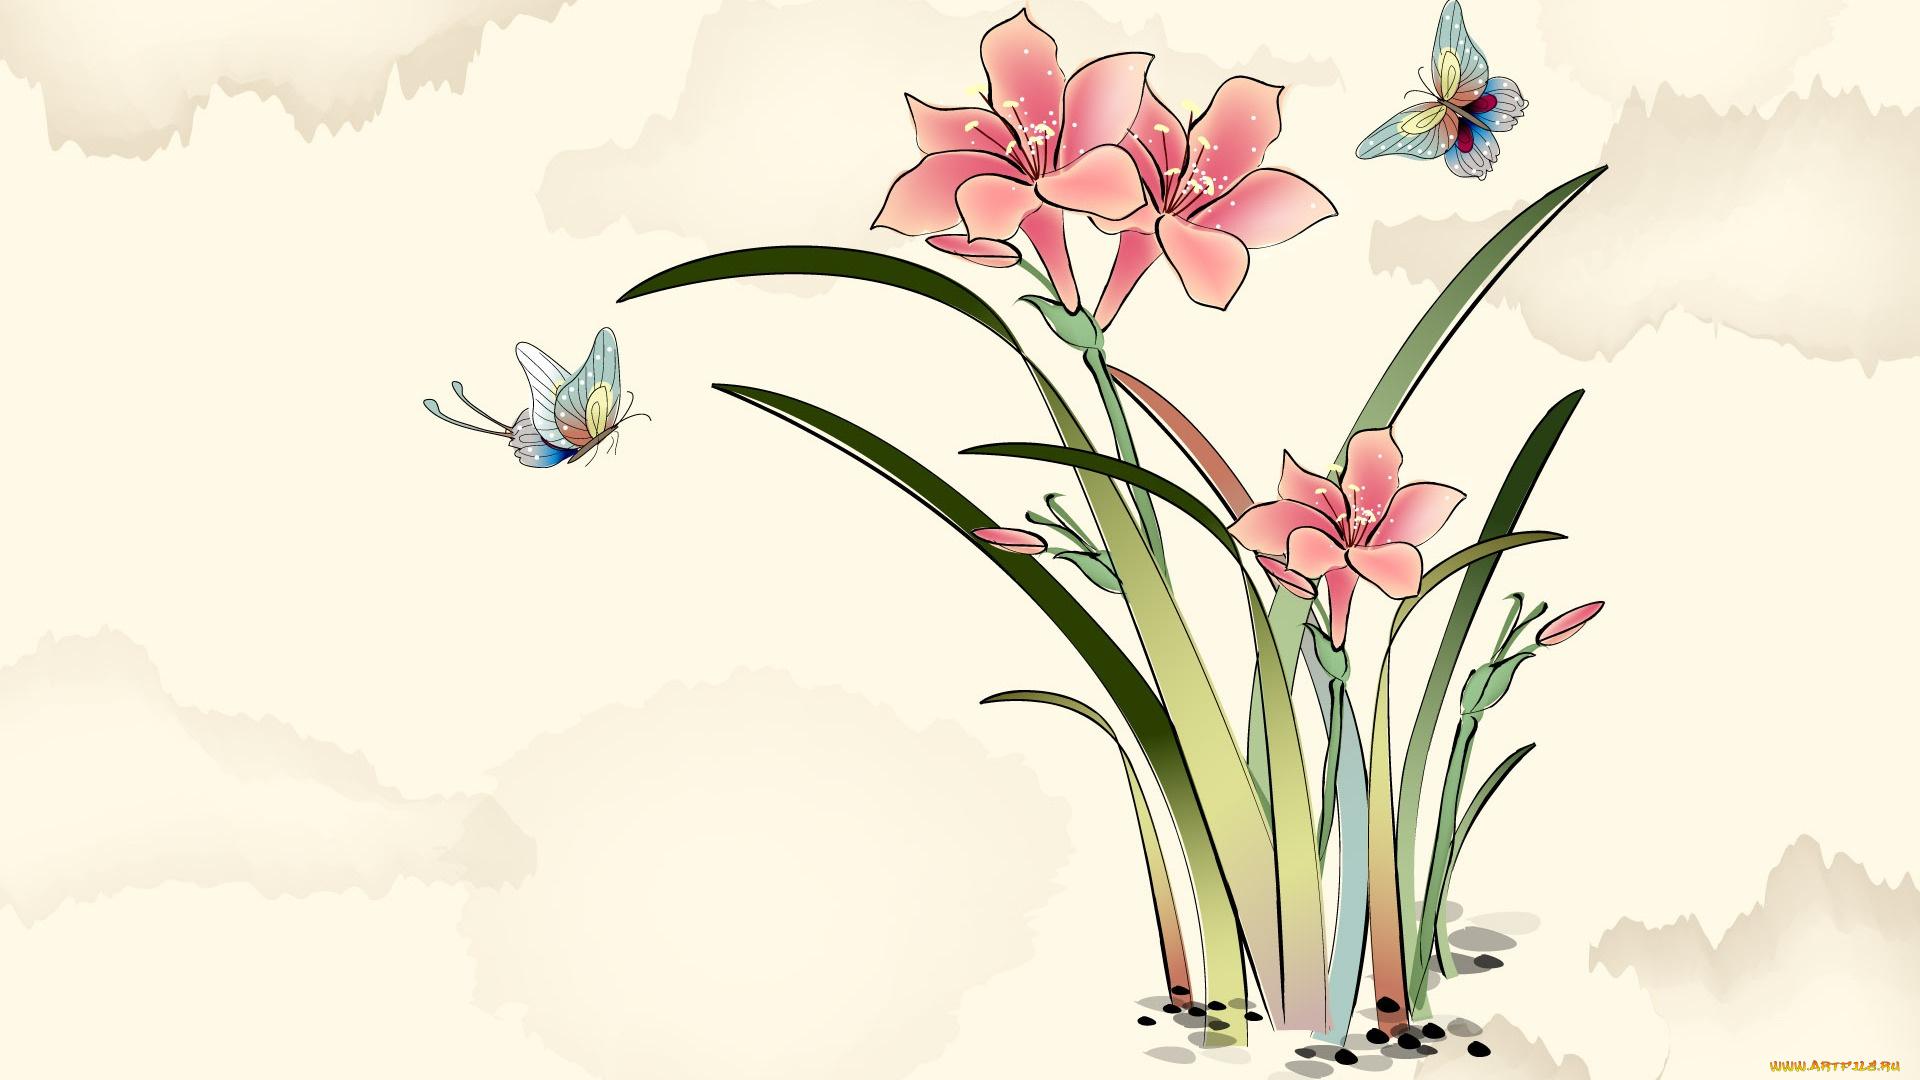 Нарисованный фон для открытки, поздравлением мартом